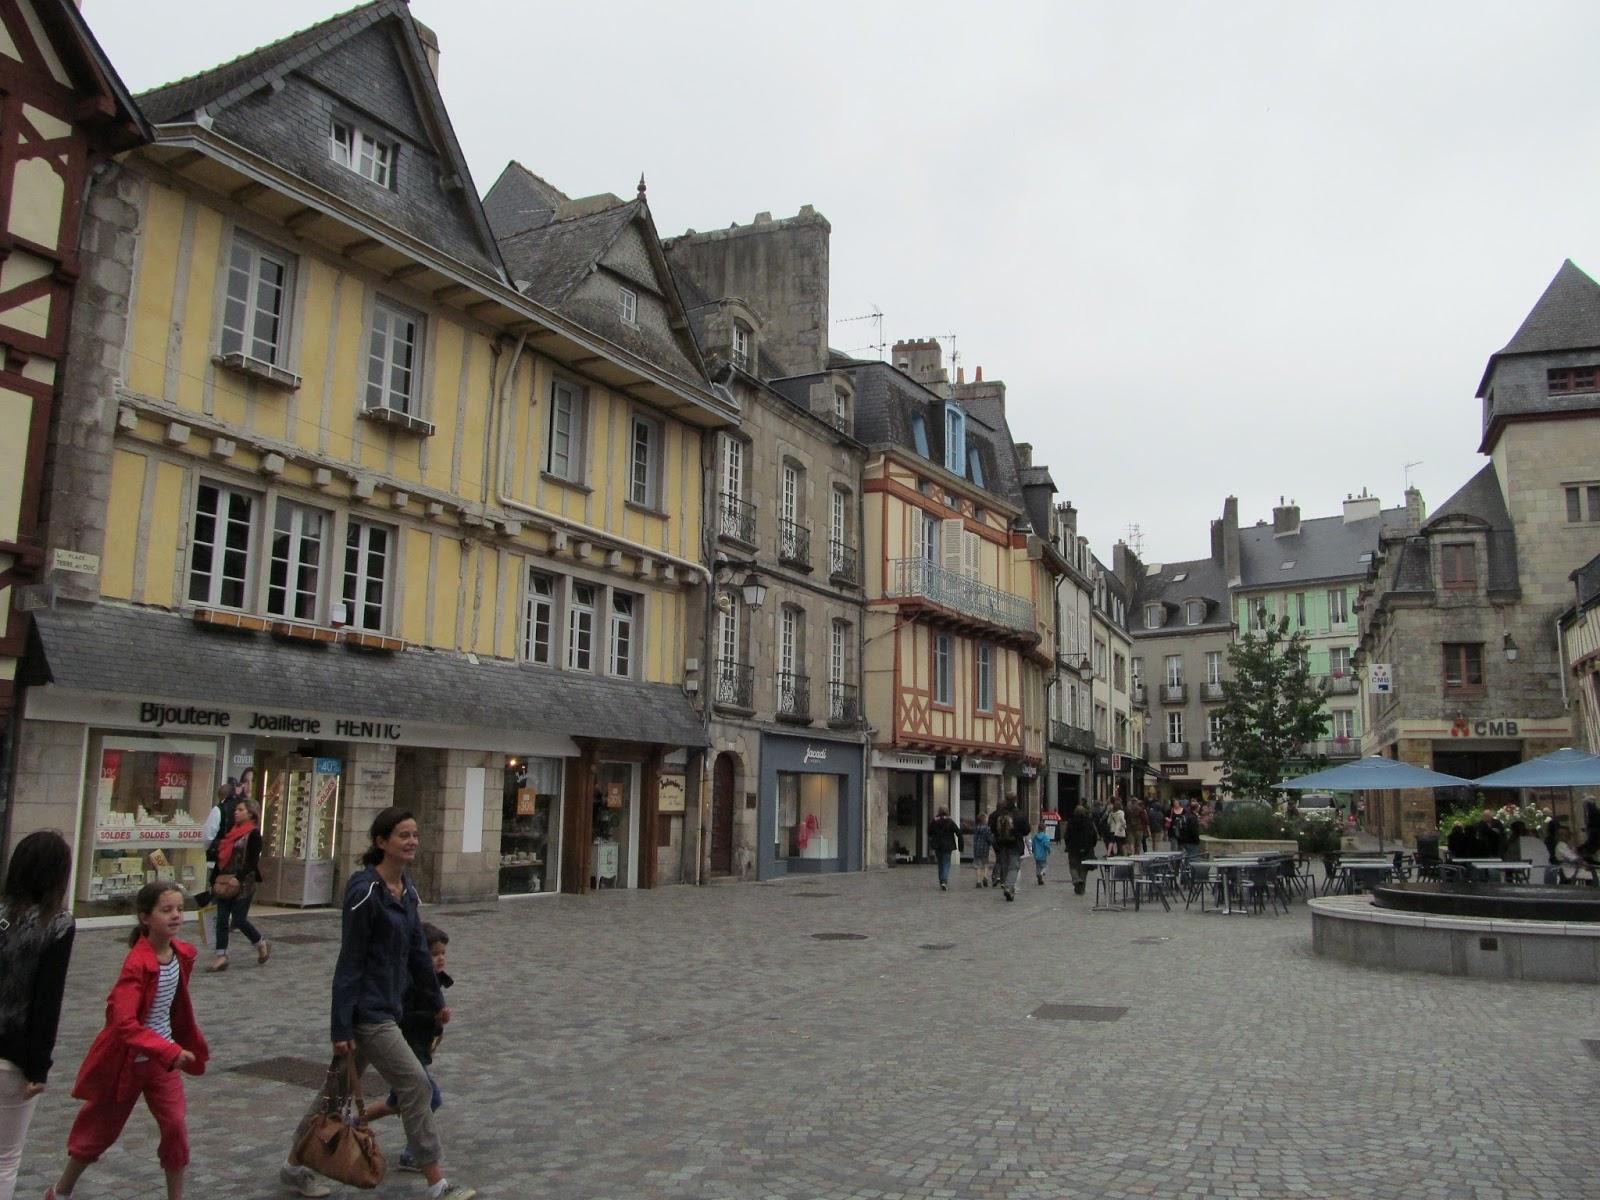 Quimper France  city photos gallery : Passion for Travel: Paris & Quimper France 2013